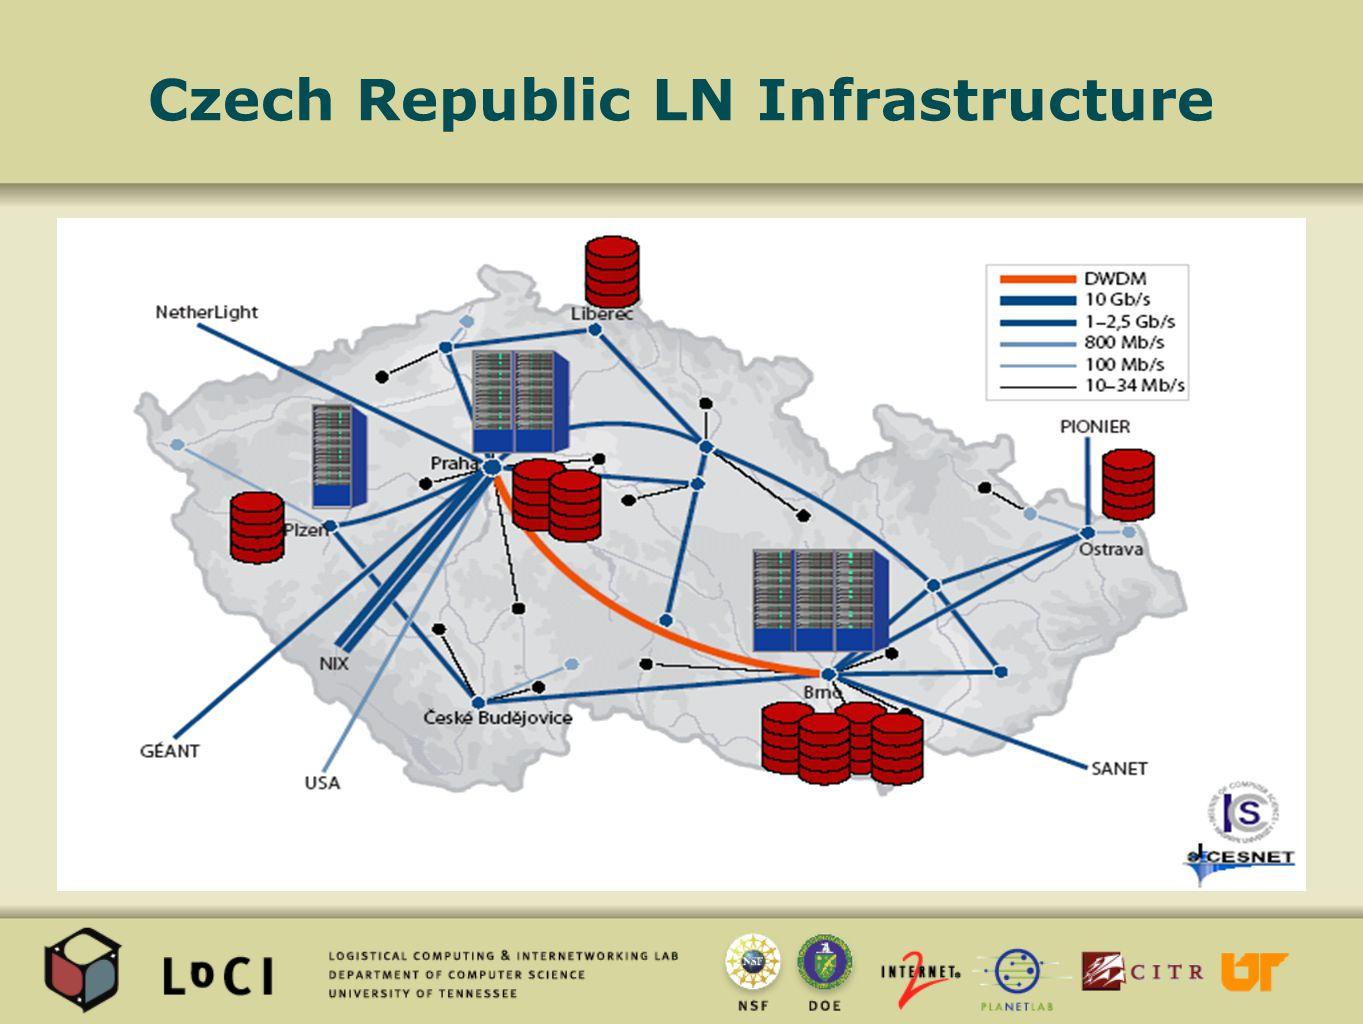 Czech Republic LN Infrastructure